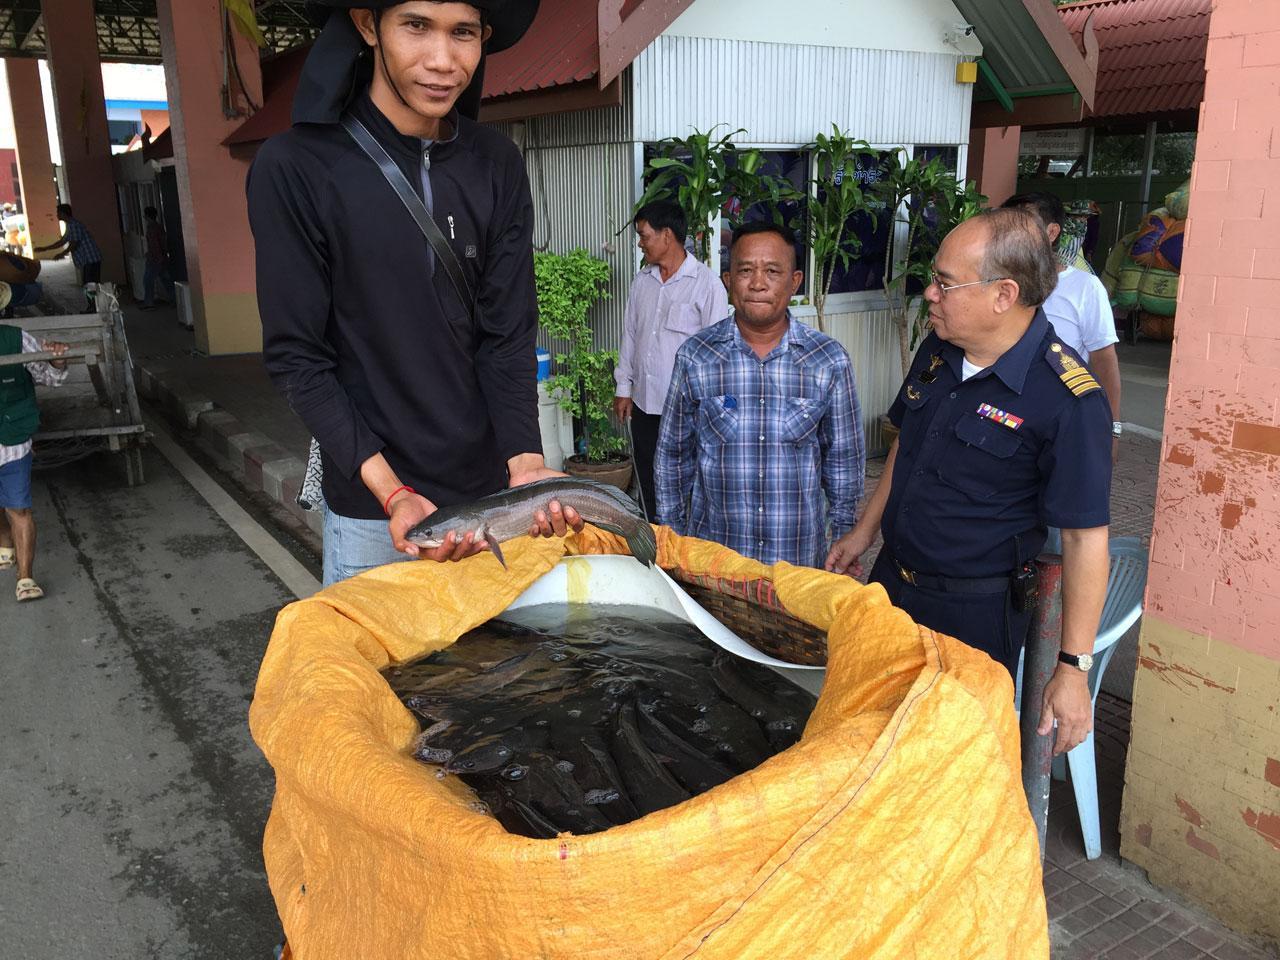 ชาวกัมพูชาบรรทุกปลาน้ำจืด จากฝั่งเขมรเข้ามาส่งขายในประเทศไทยเพิ่มขึ้น